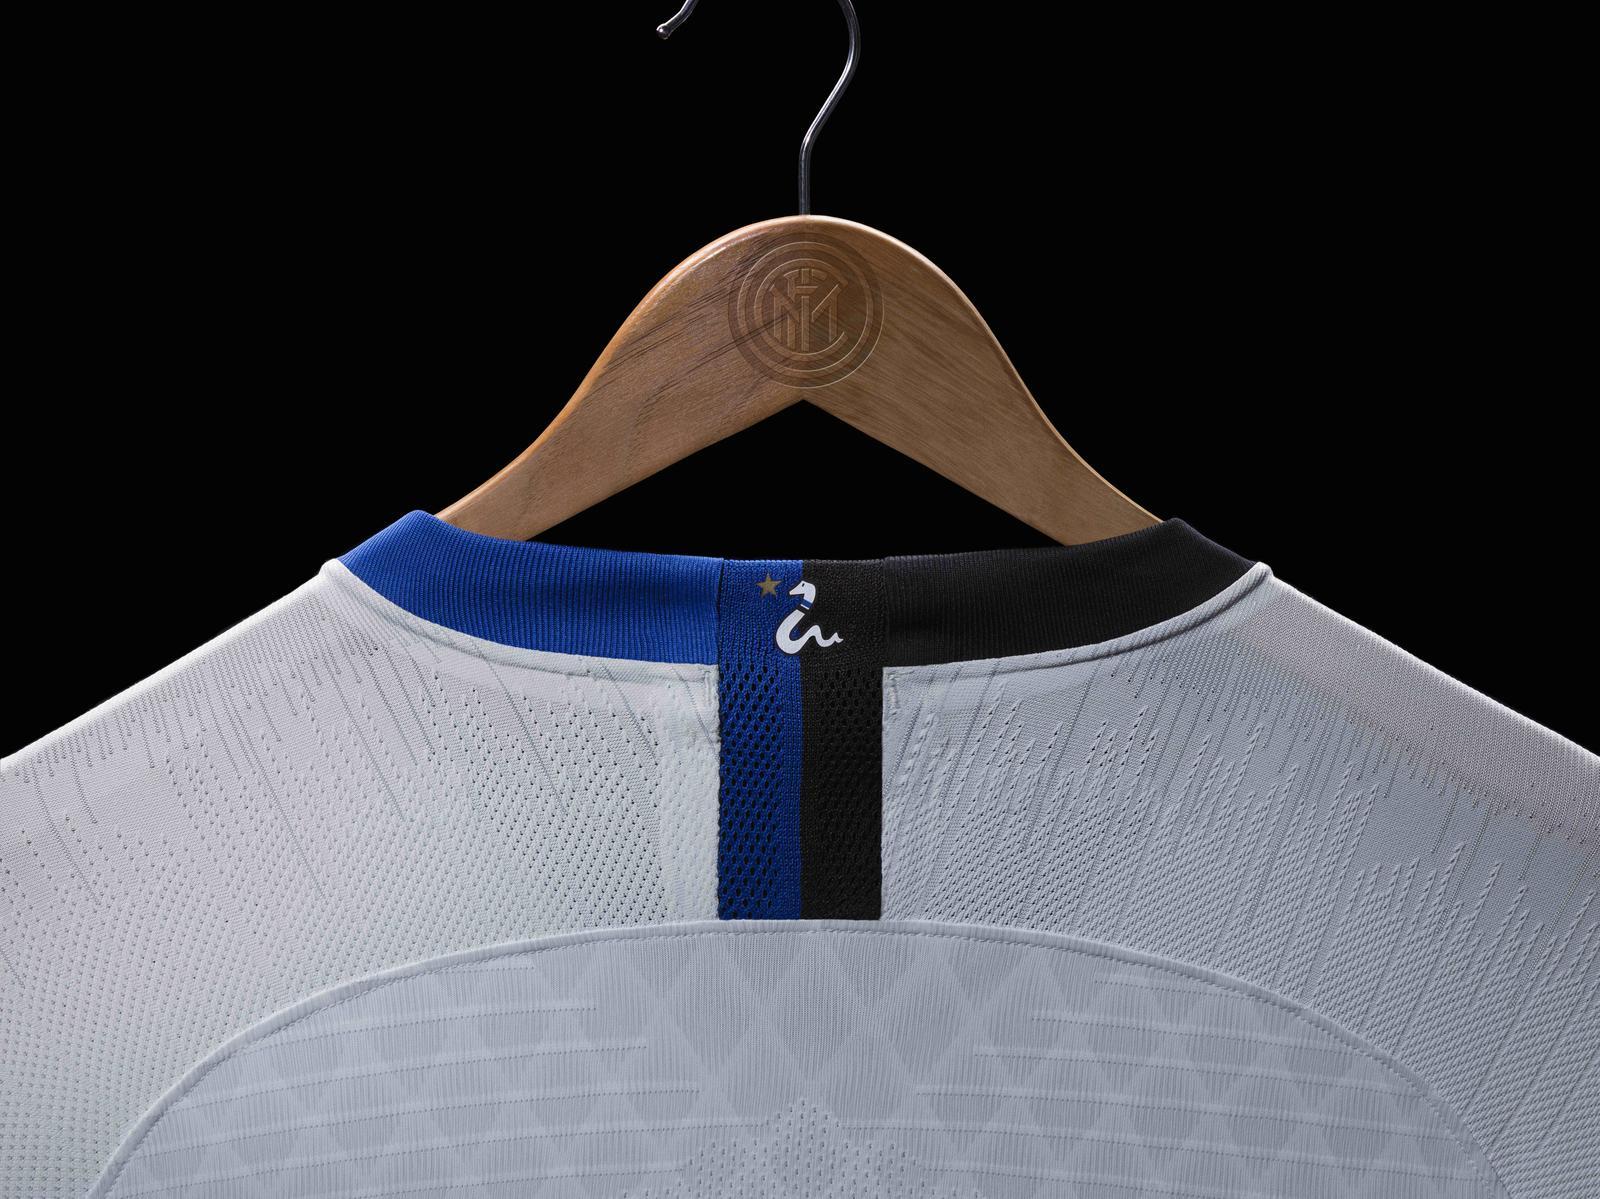 Inter Milan 2018-19 Away Kit - Nike News a2e9178a6